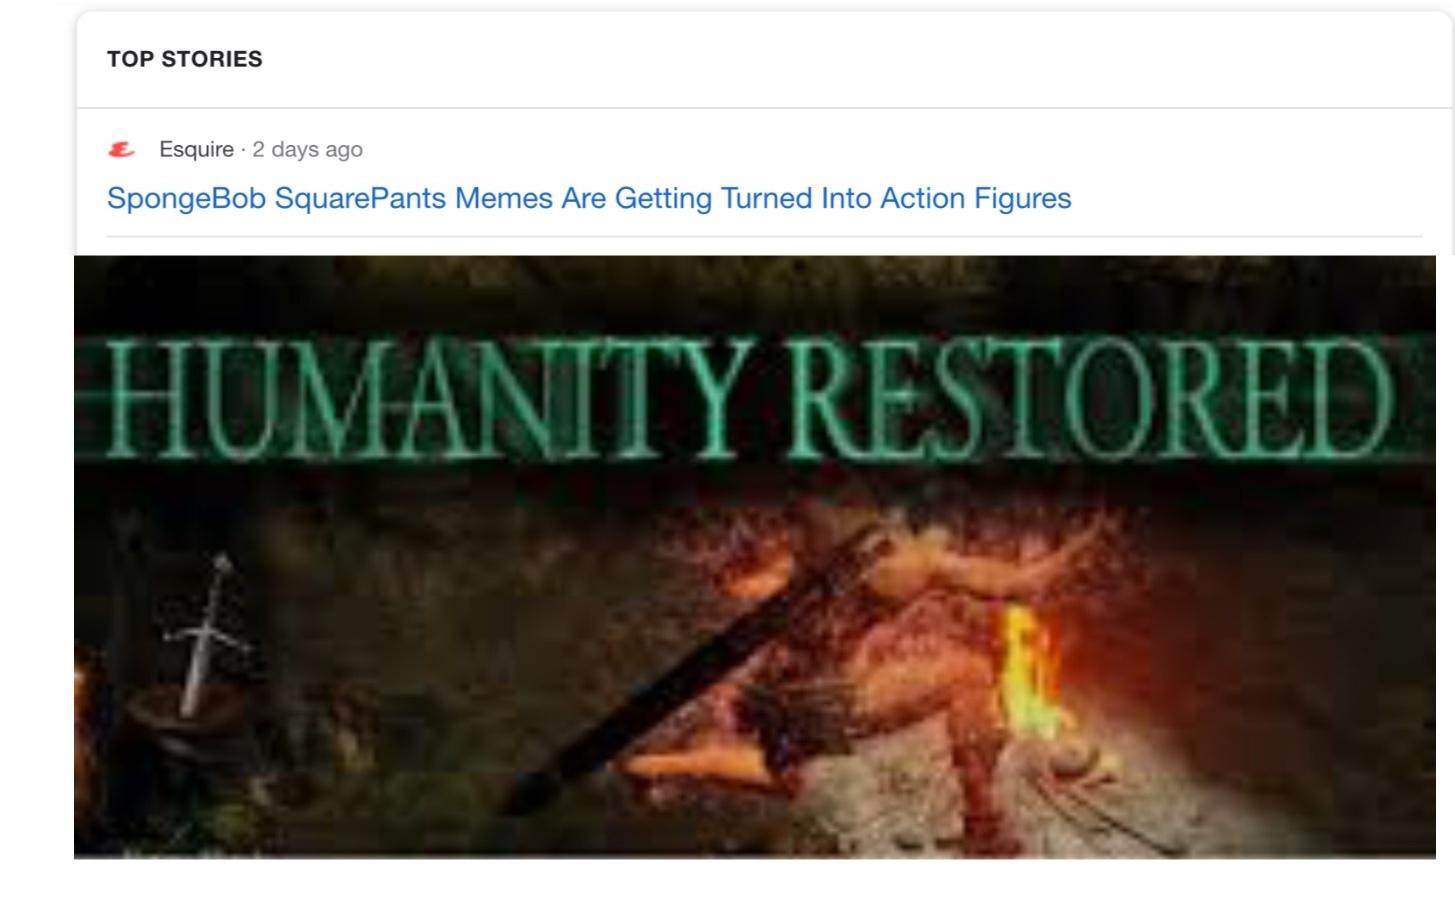 Buy them - meme